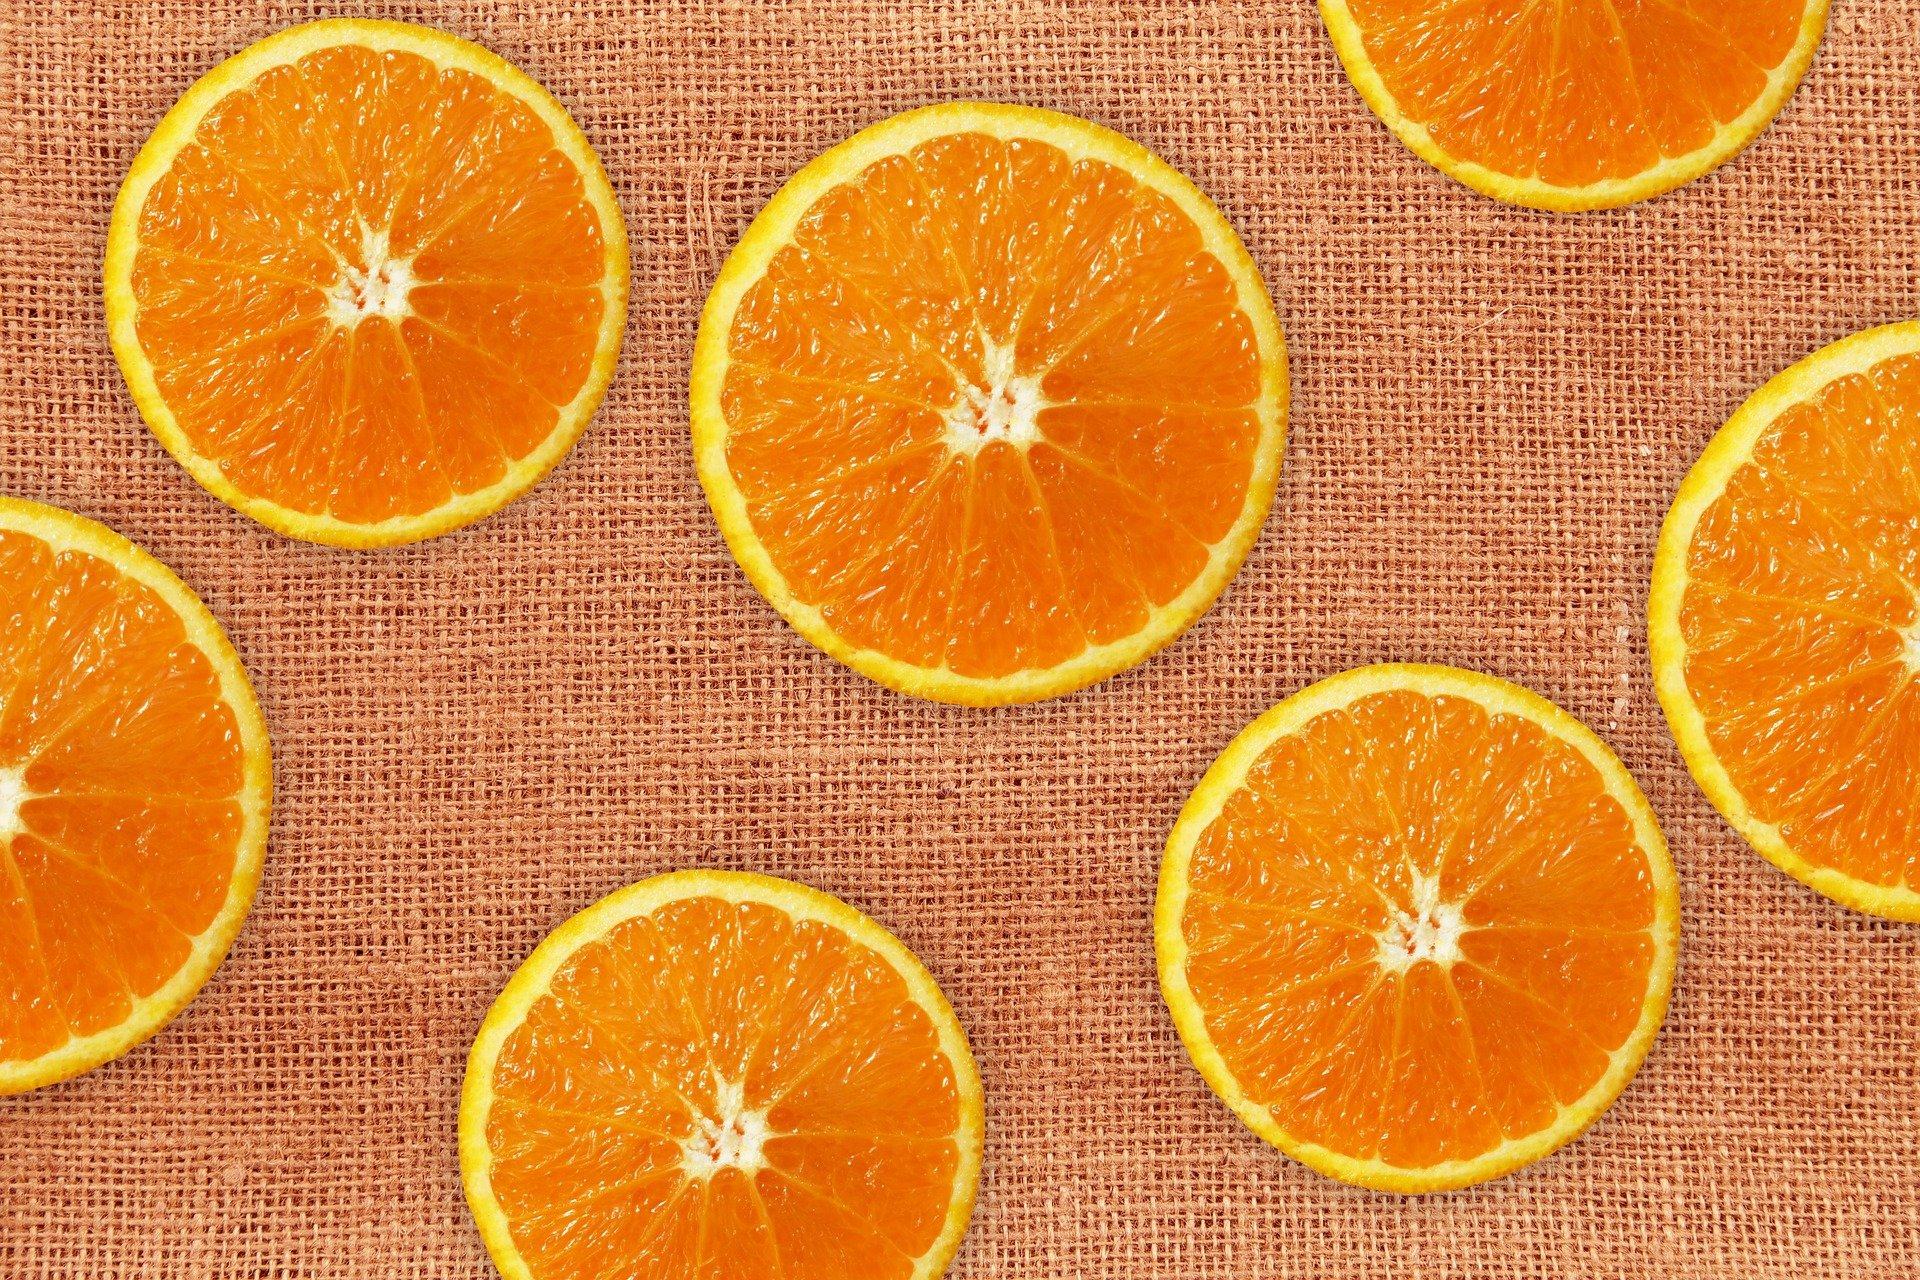 fette di arance su un tessuto nocciola